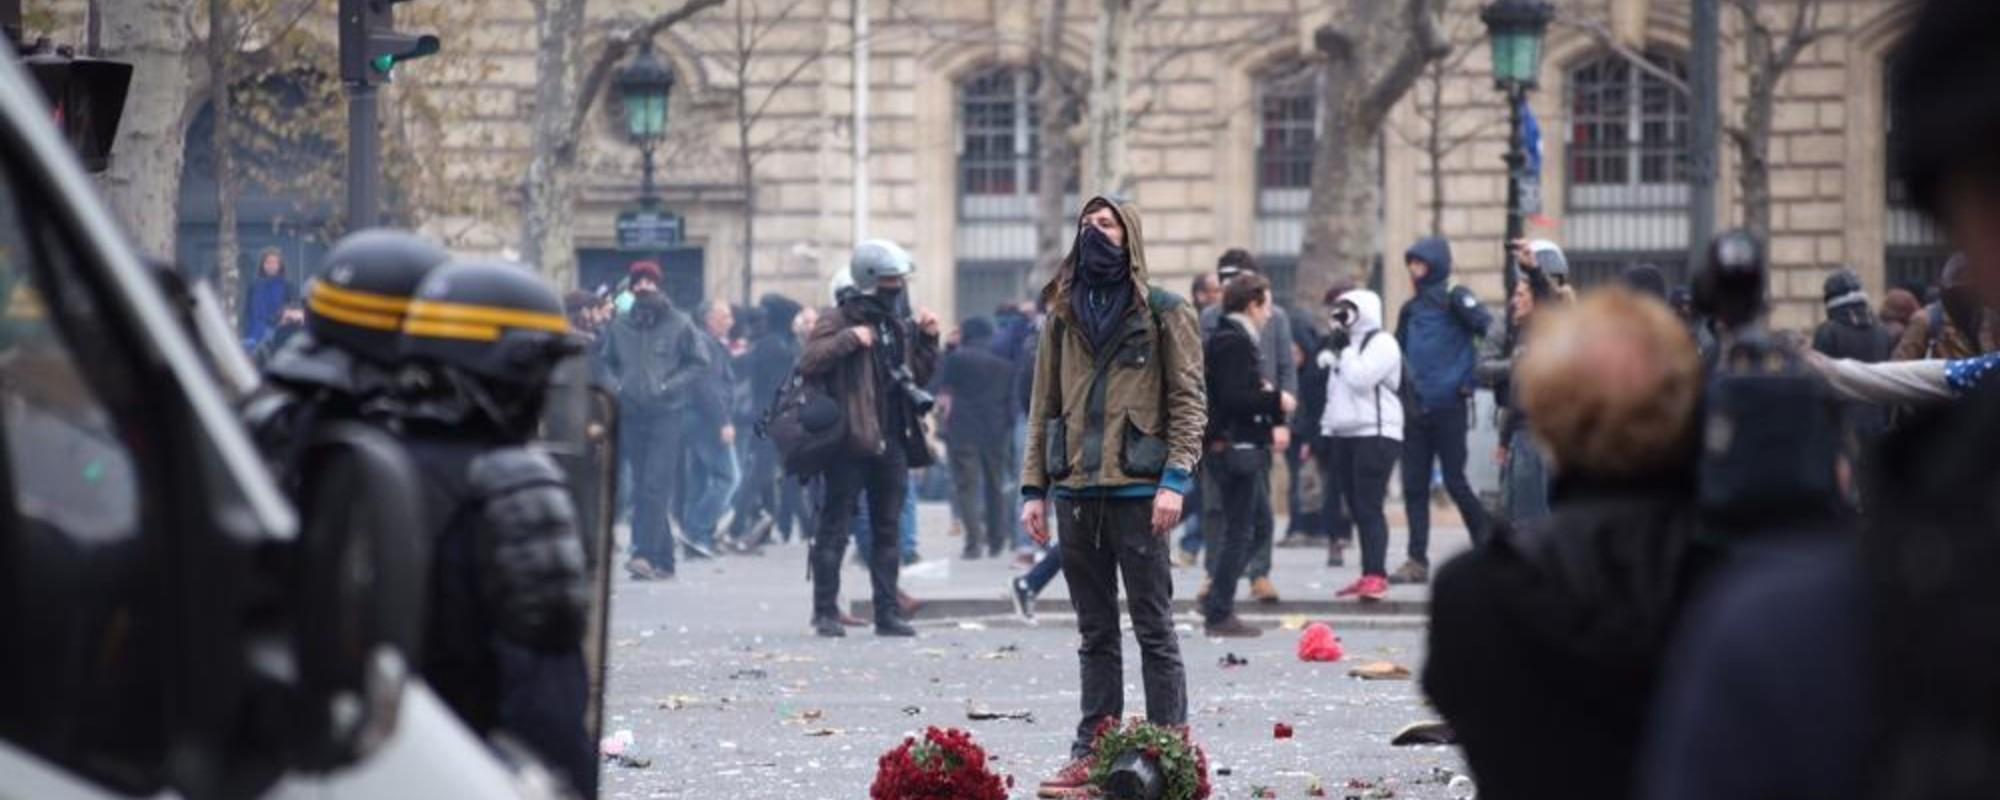 Φωτογραφίες από τις Διαδηλώσεις σε Παρίσι και Λονδίνο για το Κλίμα